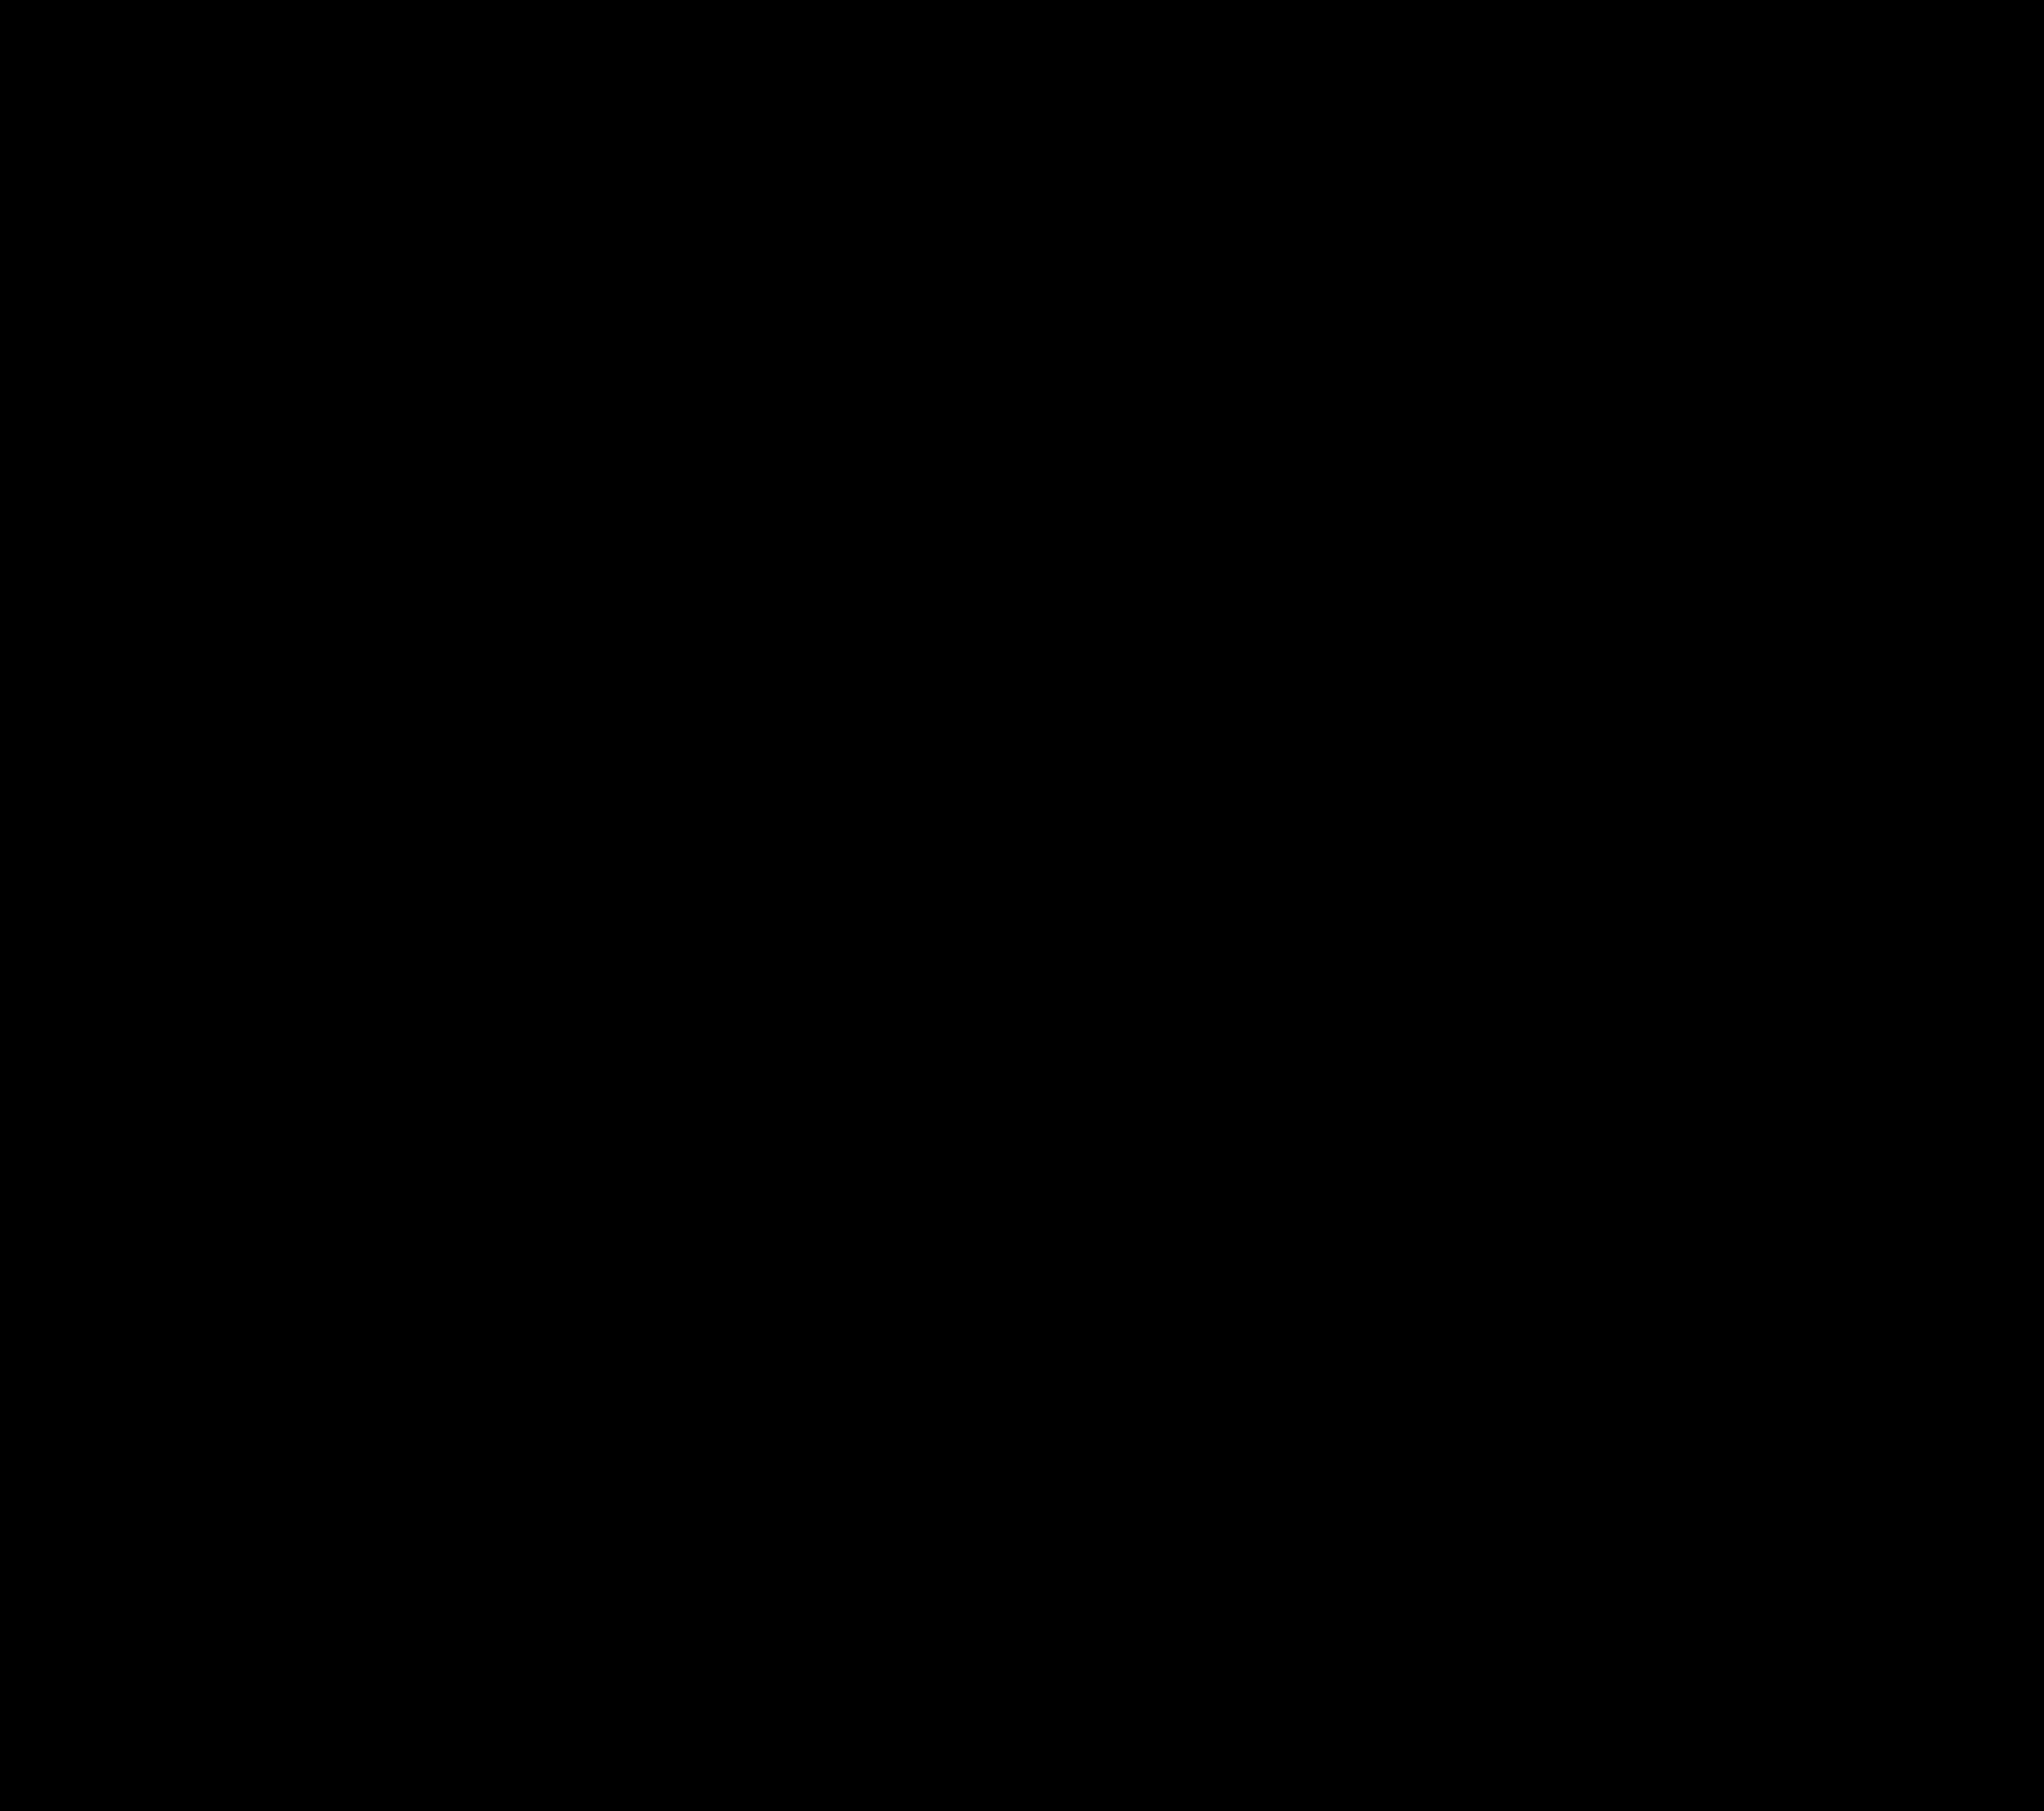 Log clipart math. Pi symbol big image